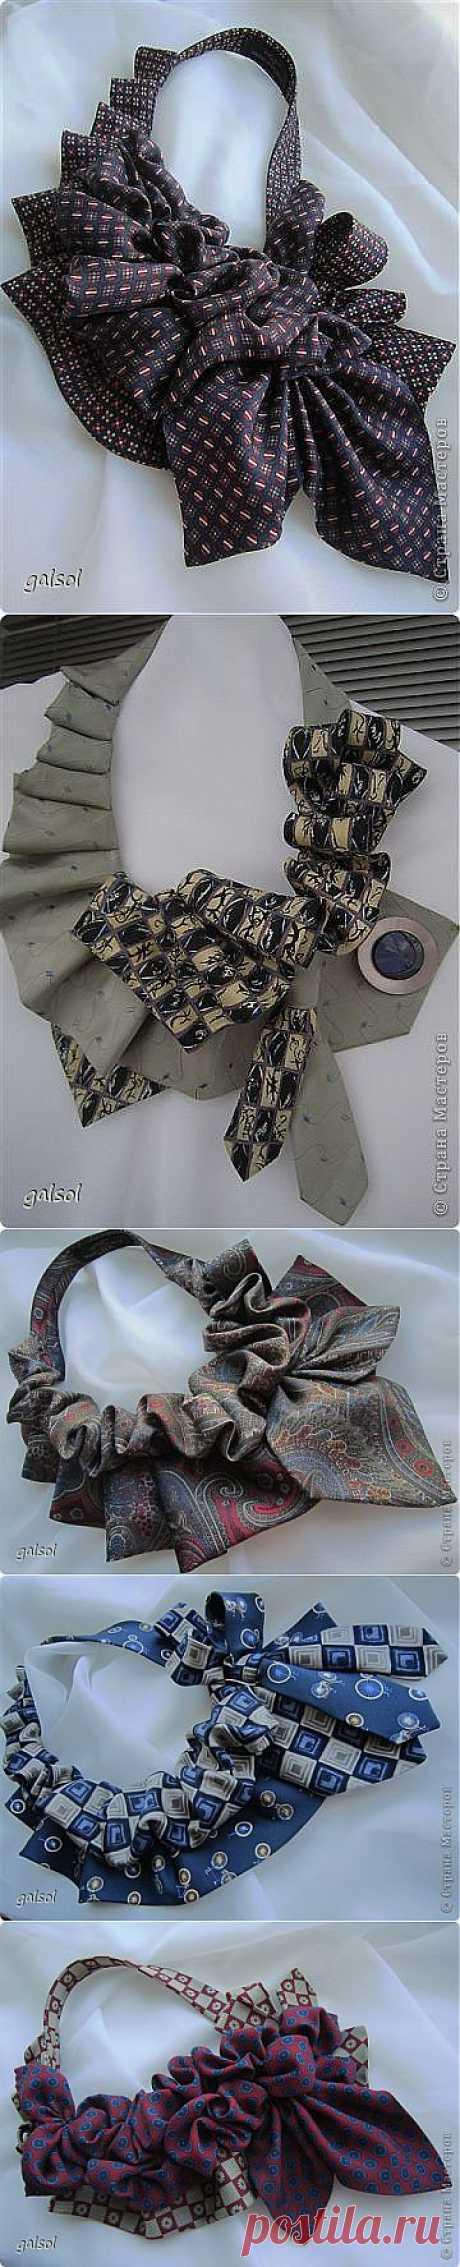 Новое начало галстуков (мои переделки )   Страна Мастеров